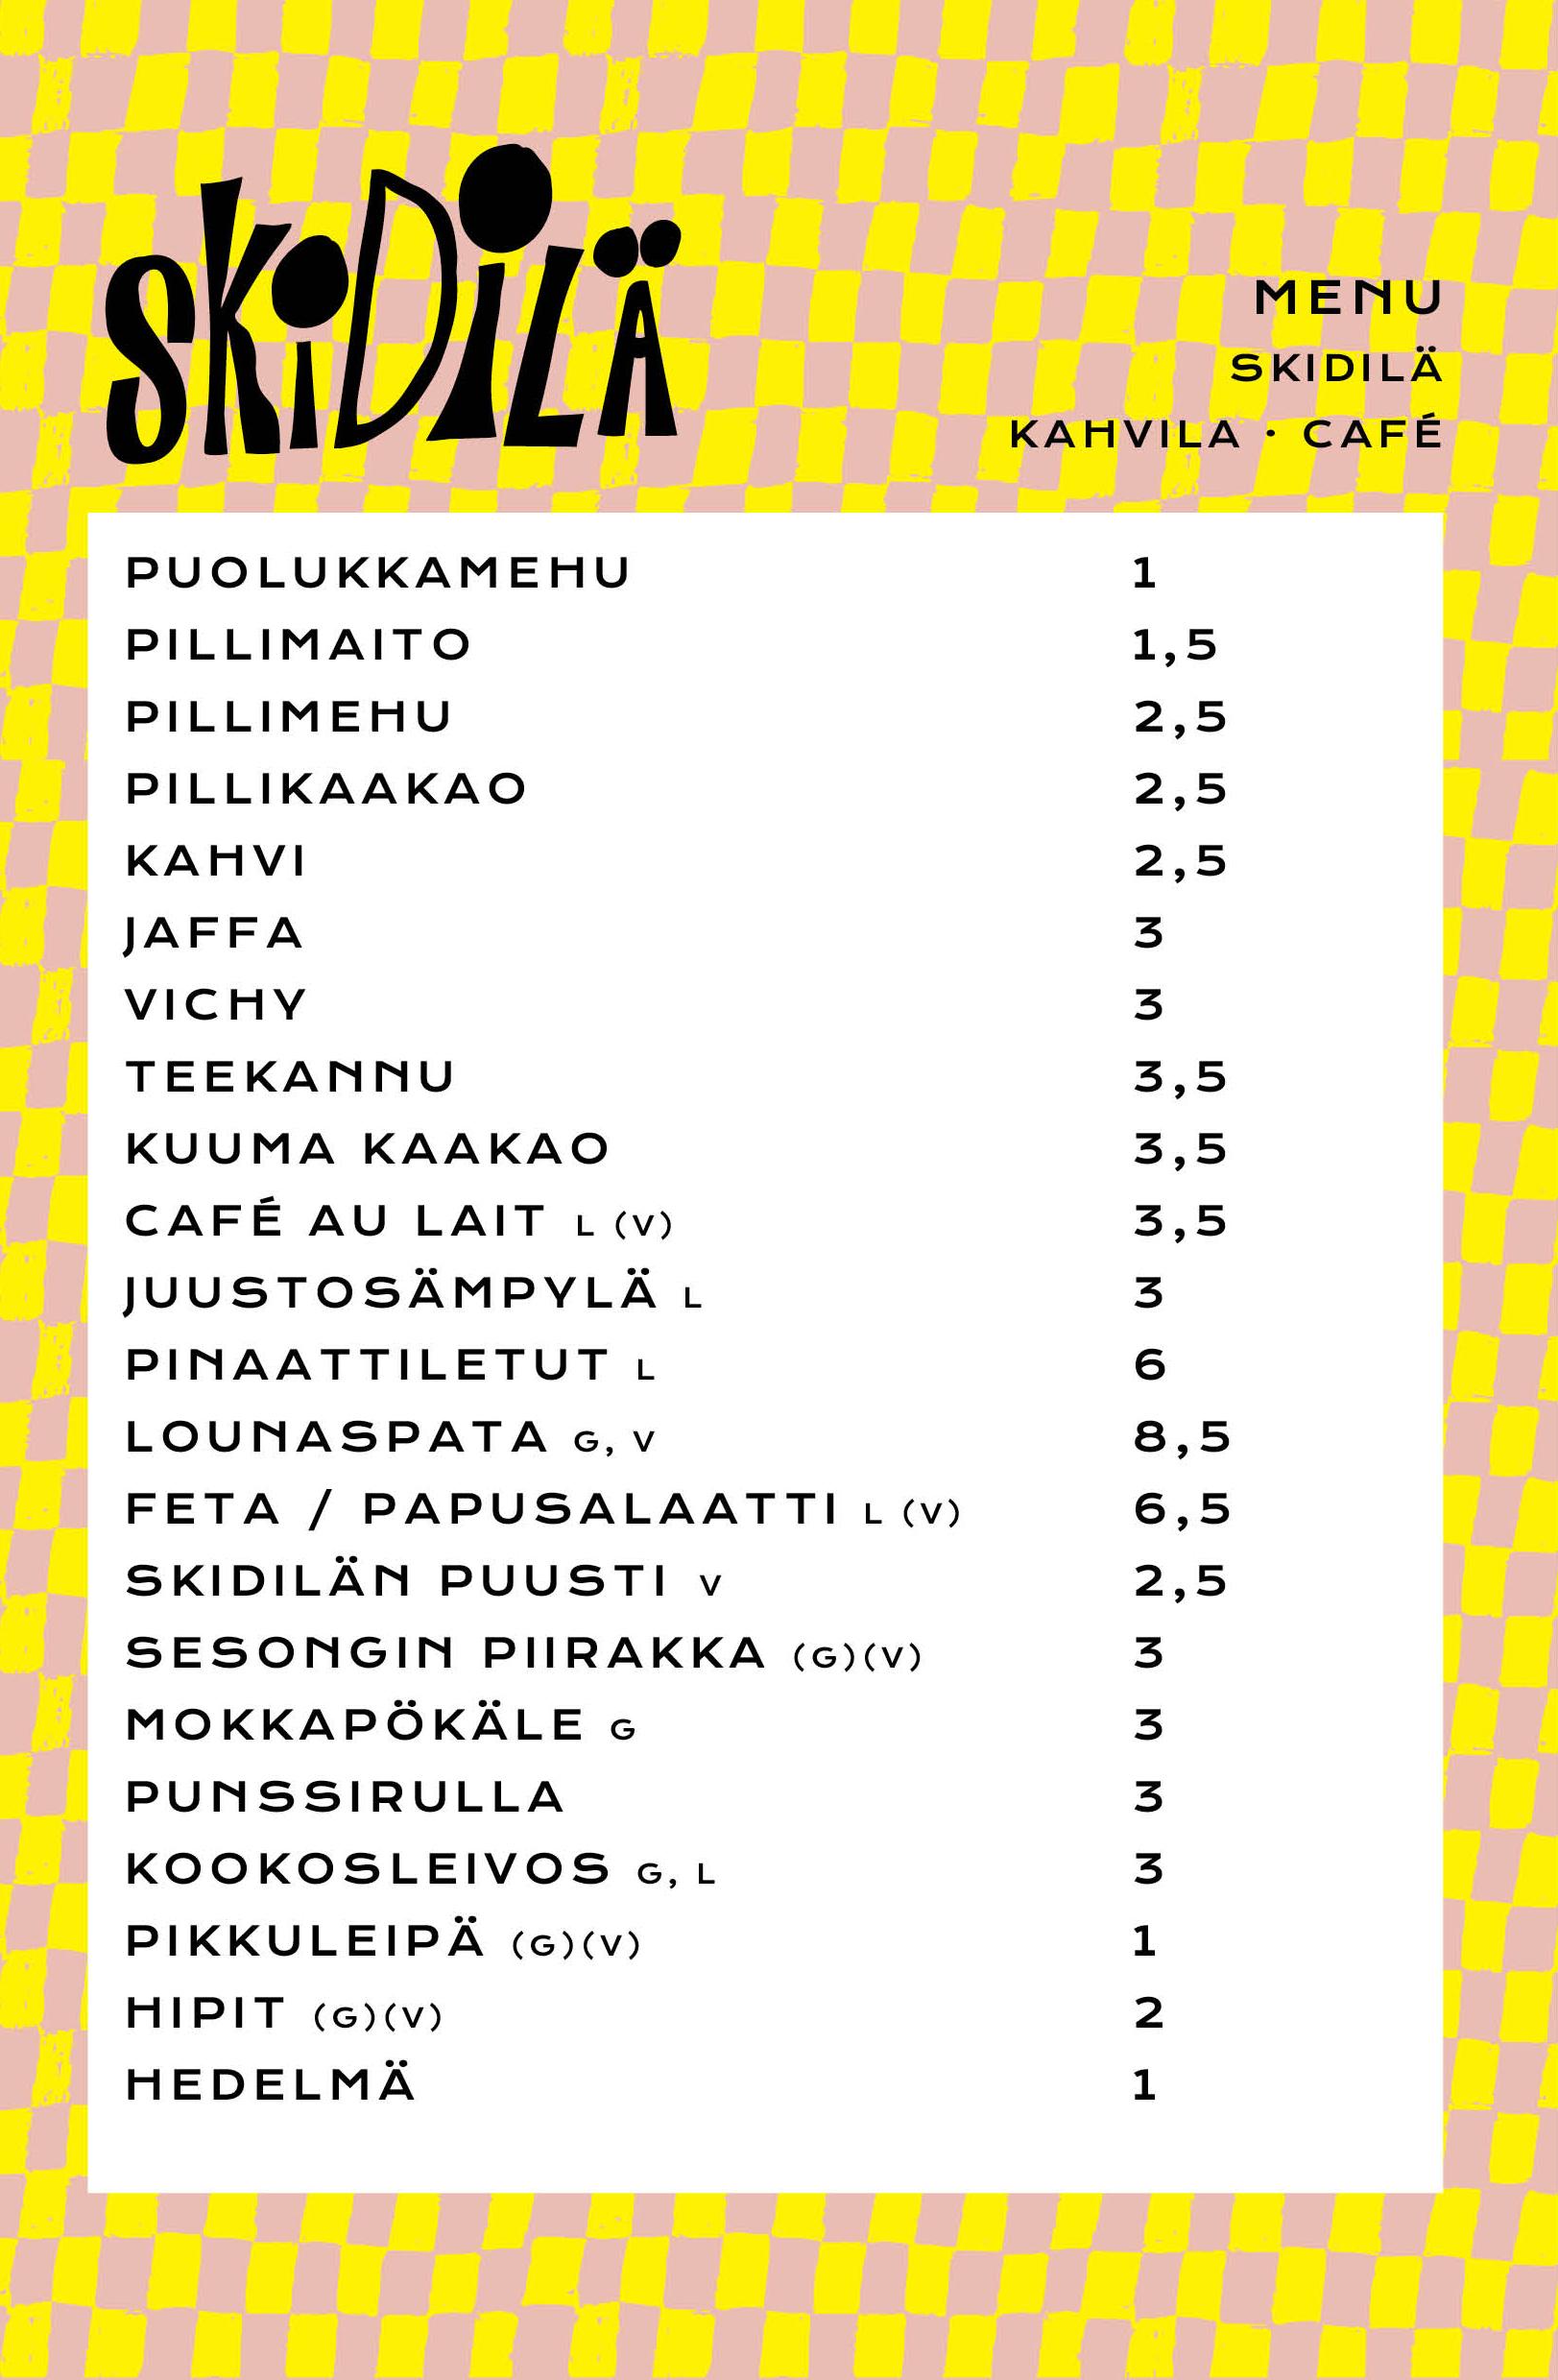 skidila.menu.jpg